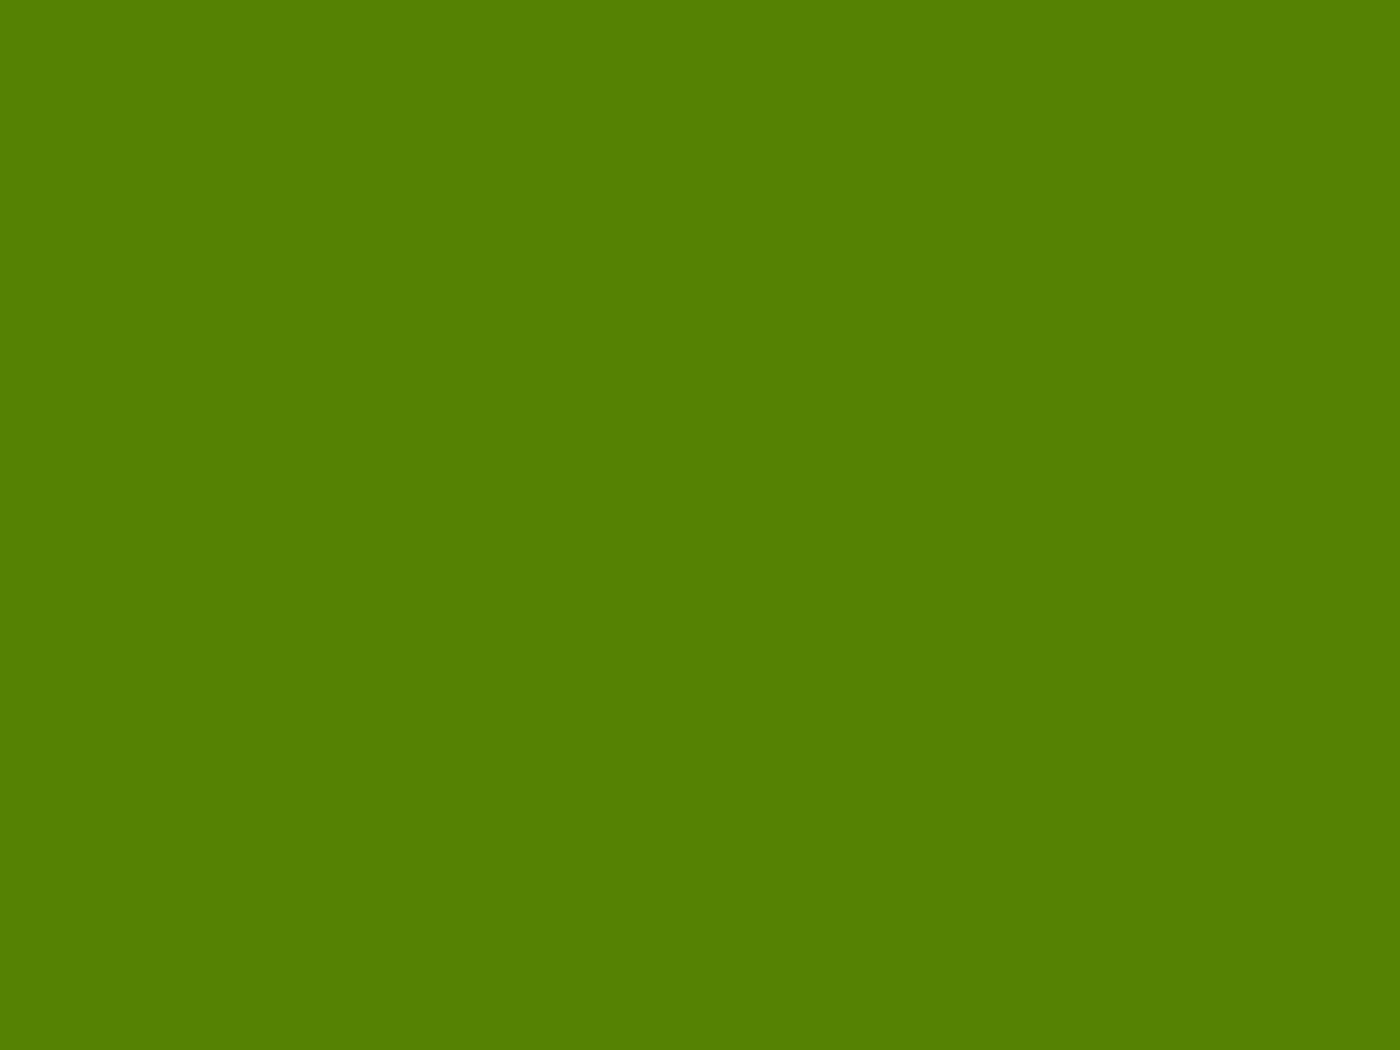 1400x1050 Avocado Solid Color Background